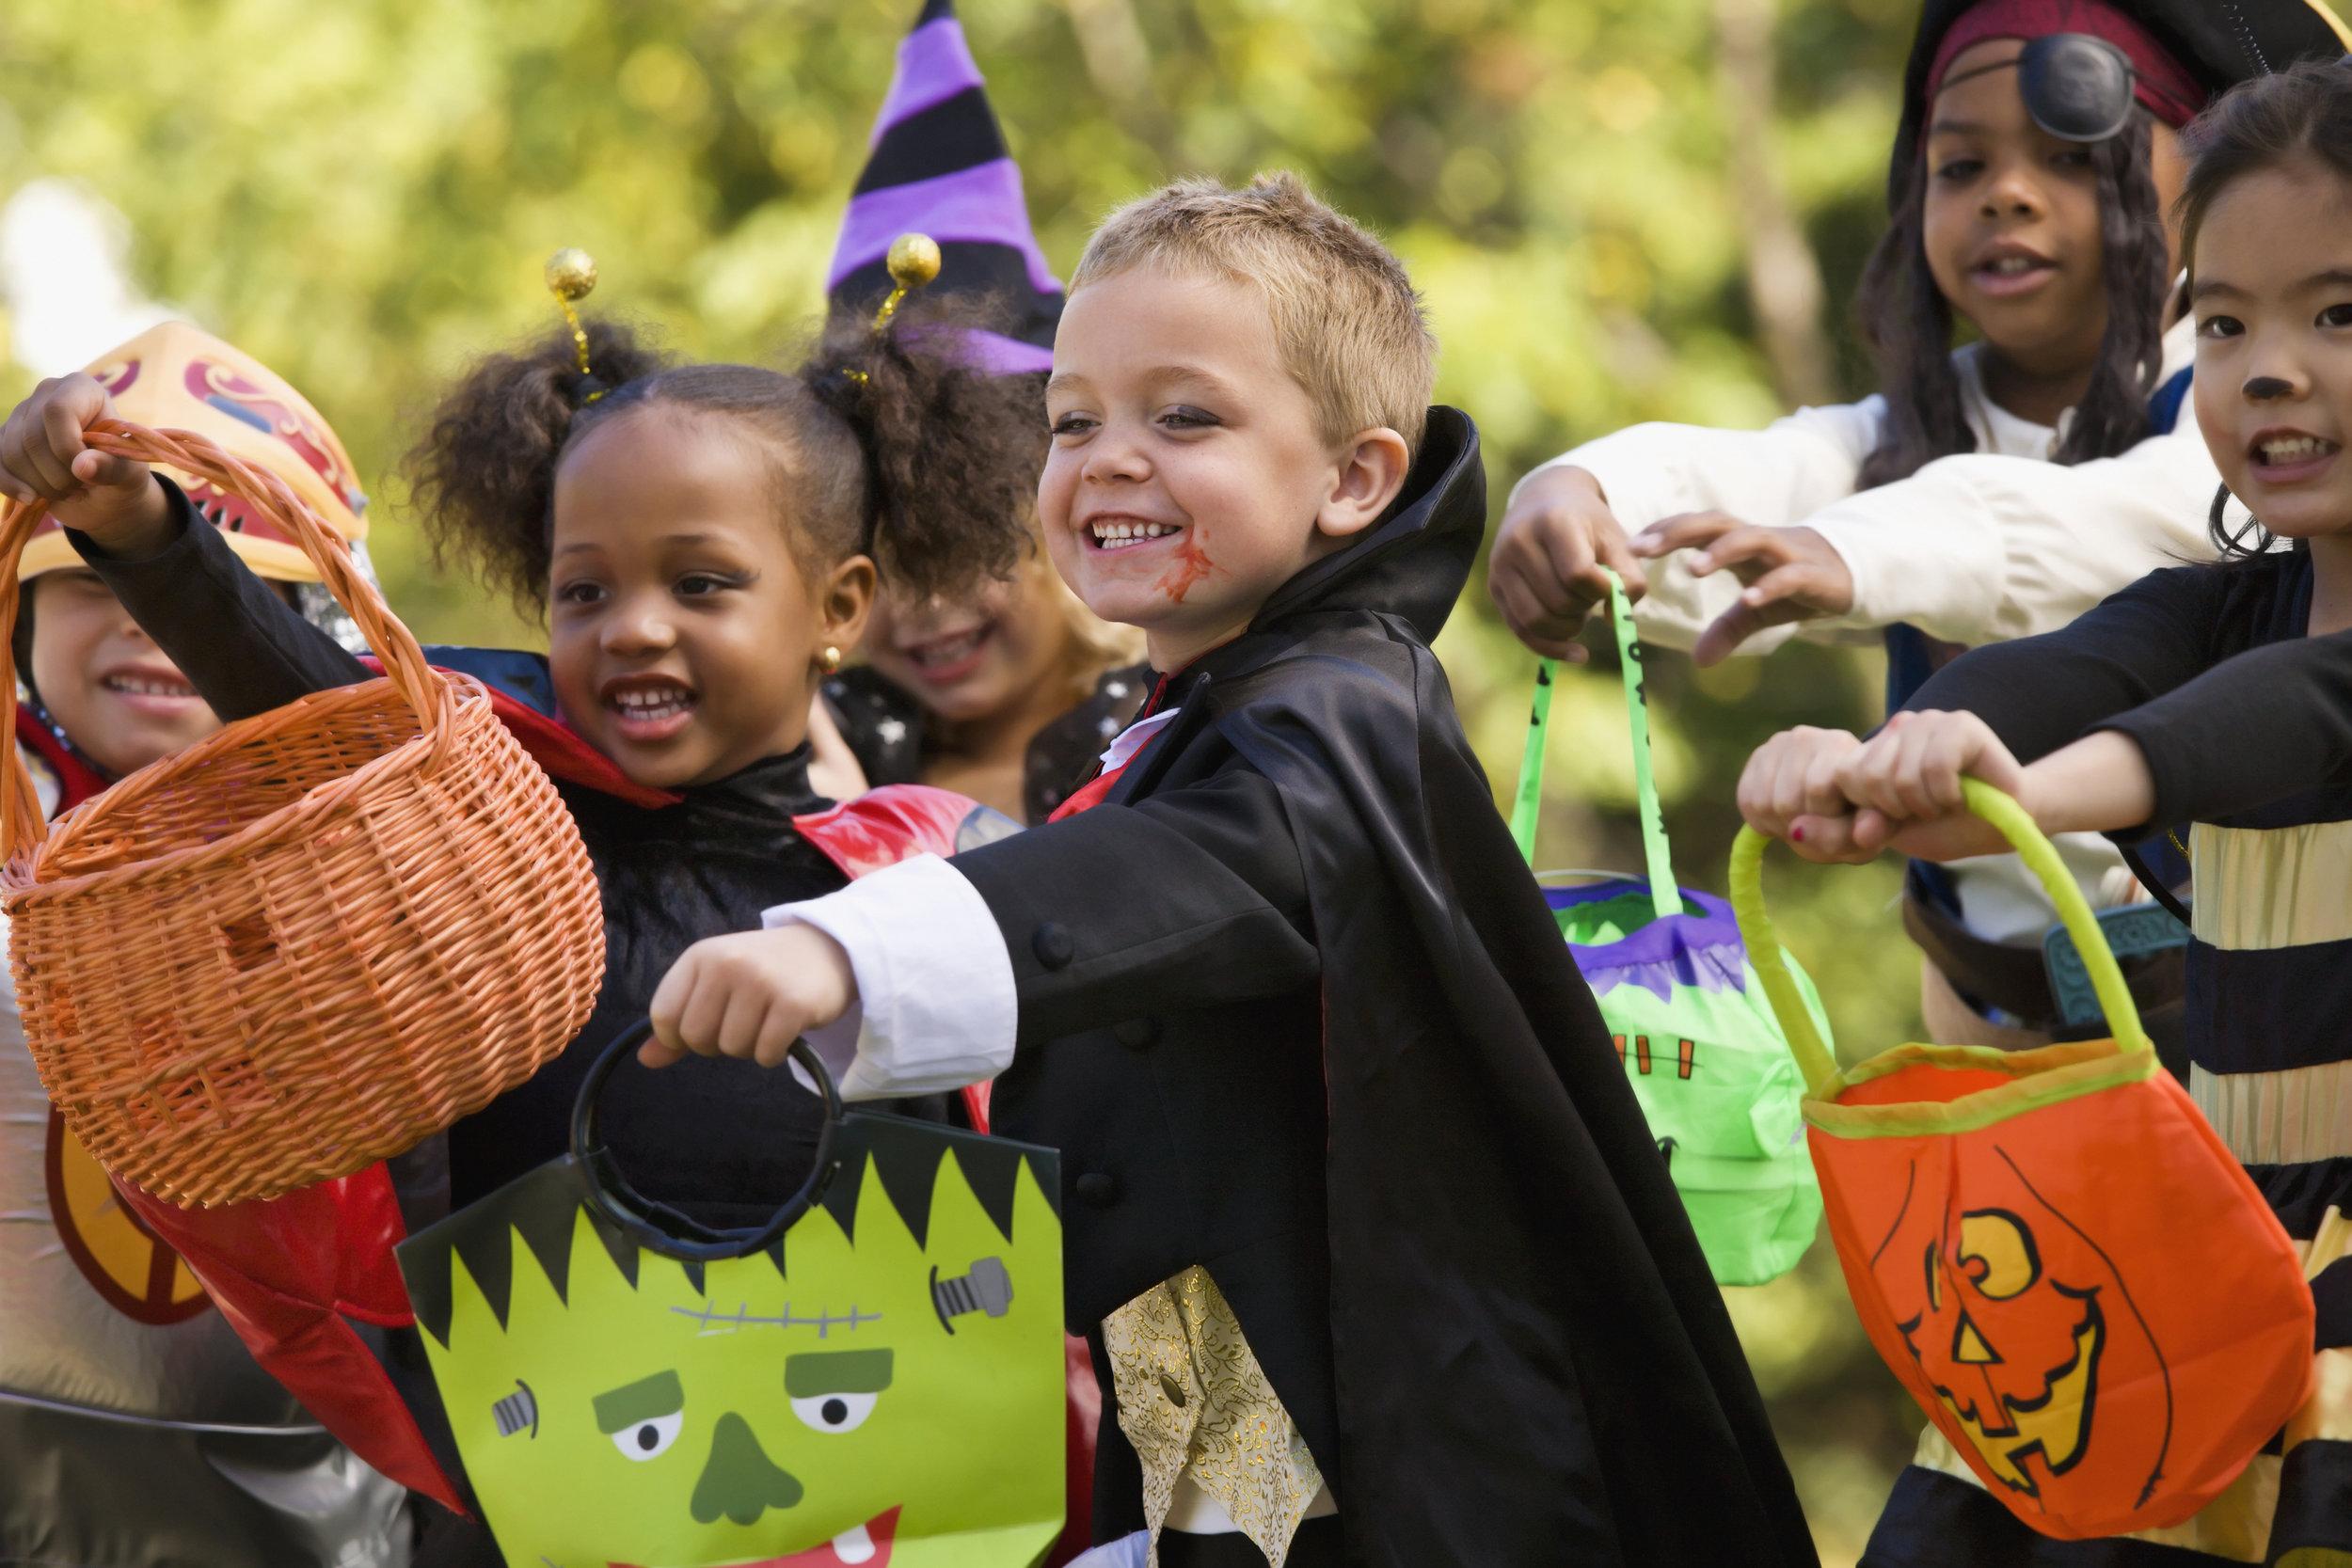 Halloween Trick-or-Treat in Astoria-Ditmars, Queens, New York